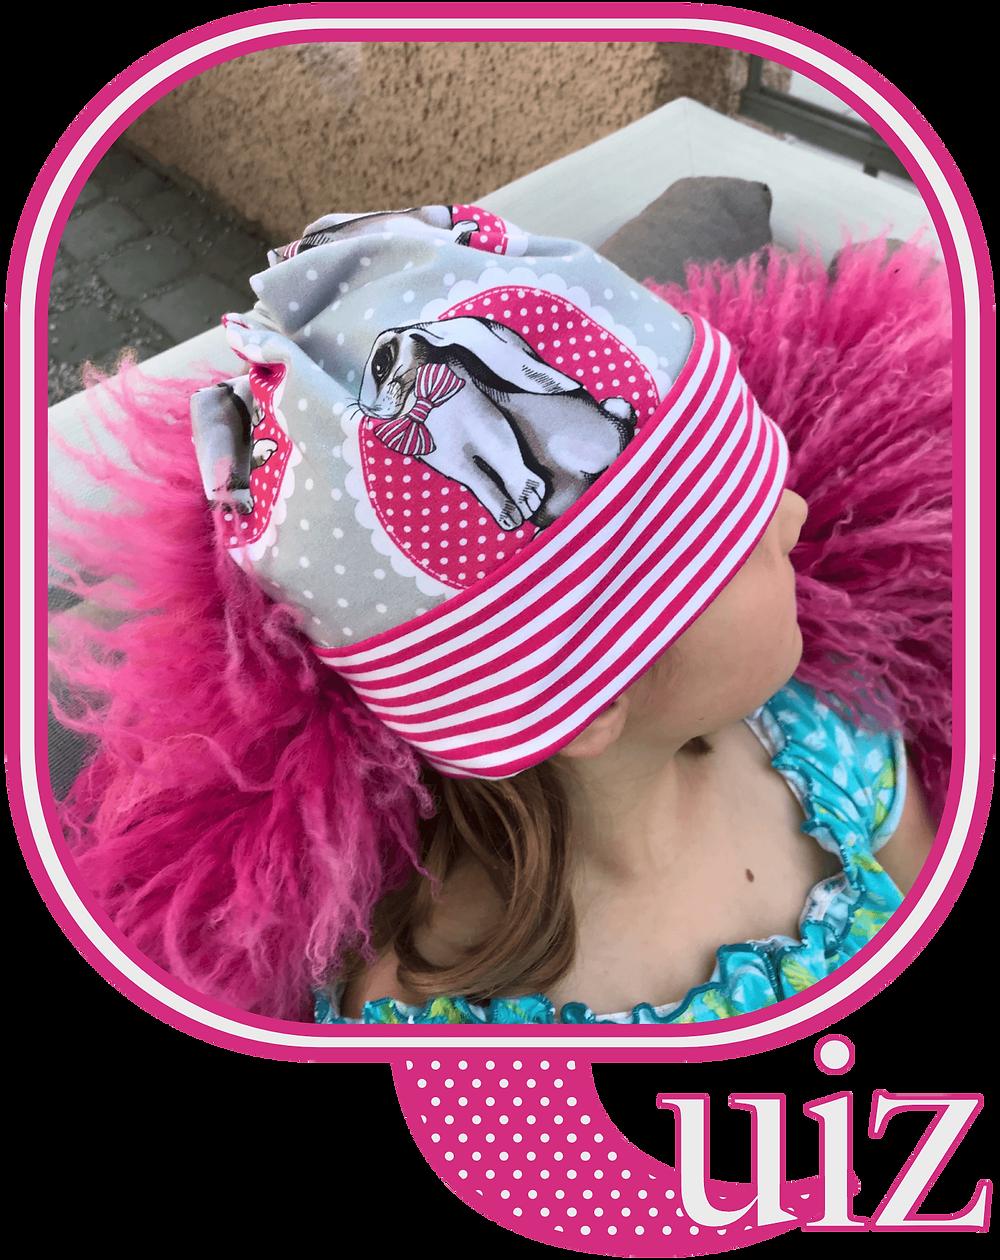 Eine junge Kundin mit ihrer Mütze perfekt in Szene gesetzt. Sixx-Zagg-Mützen von prettybanana.com. Deine individuelle Mütze aus München.